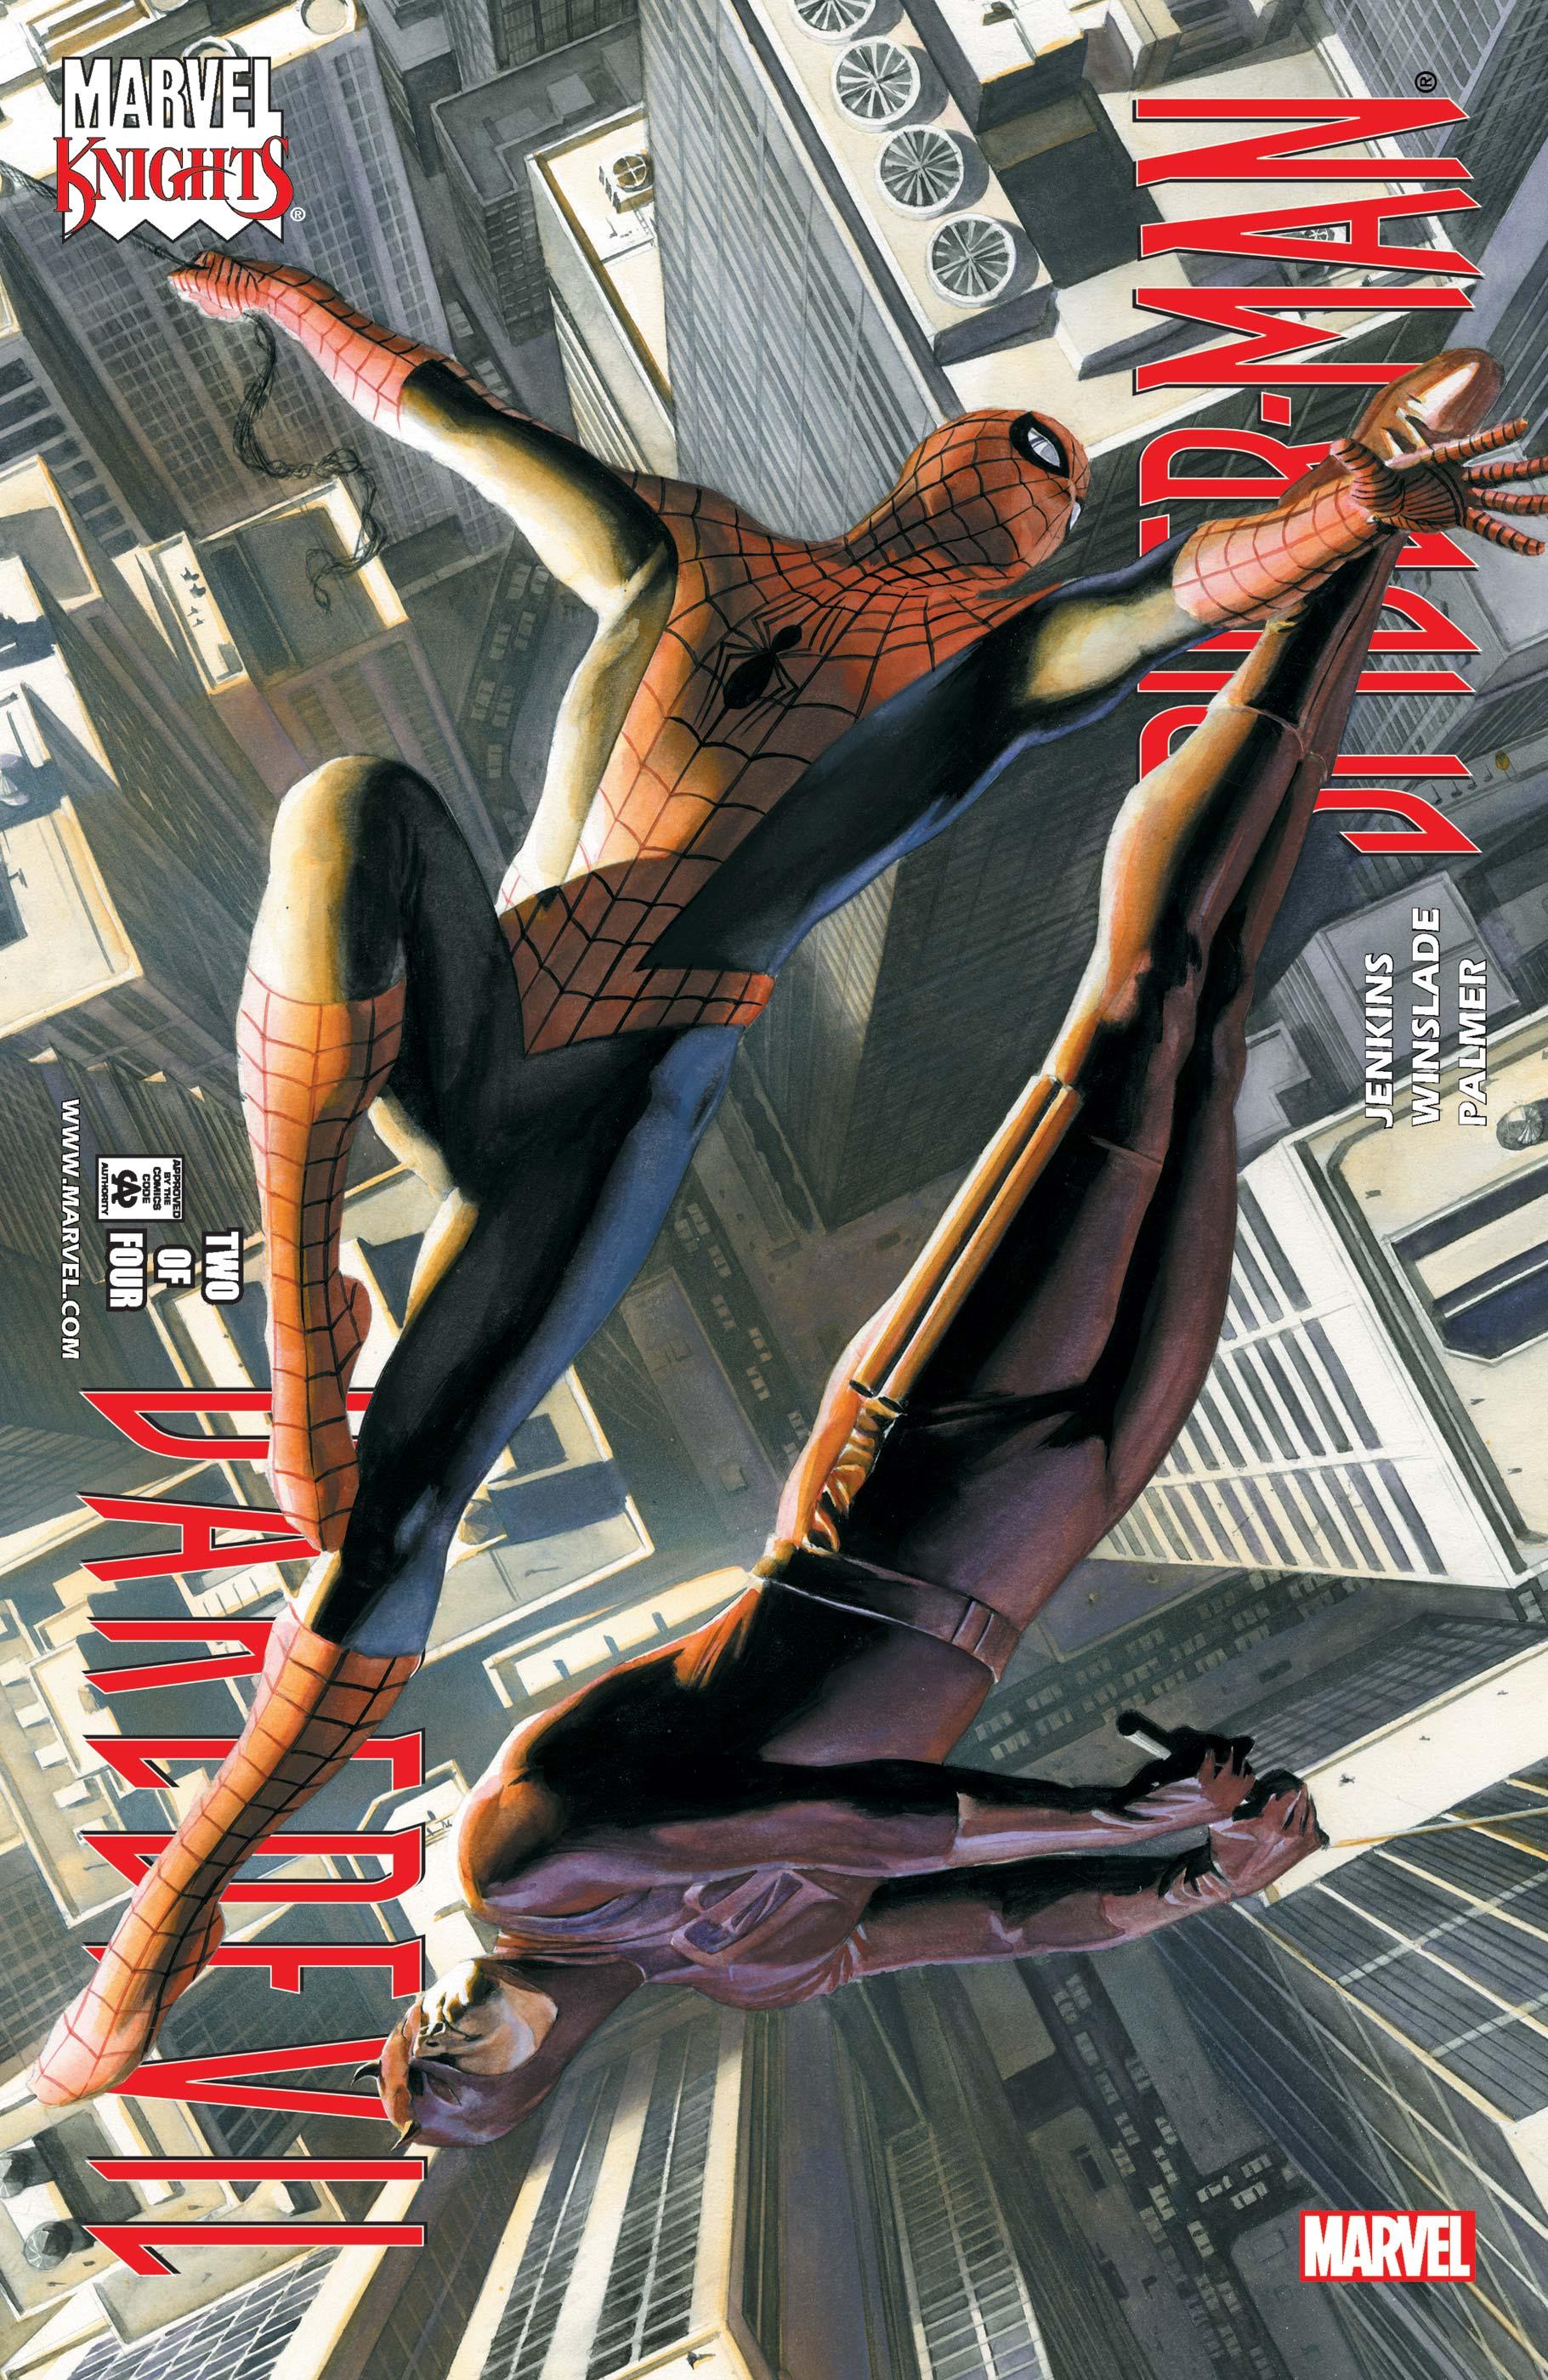 Daredevil/Spider-Man (2001) #2